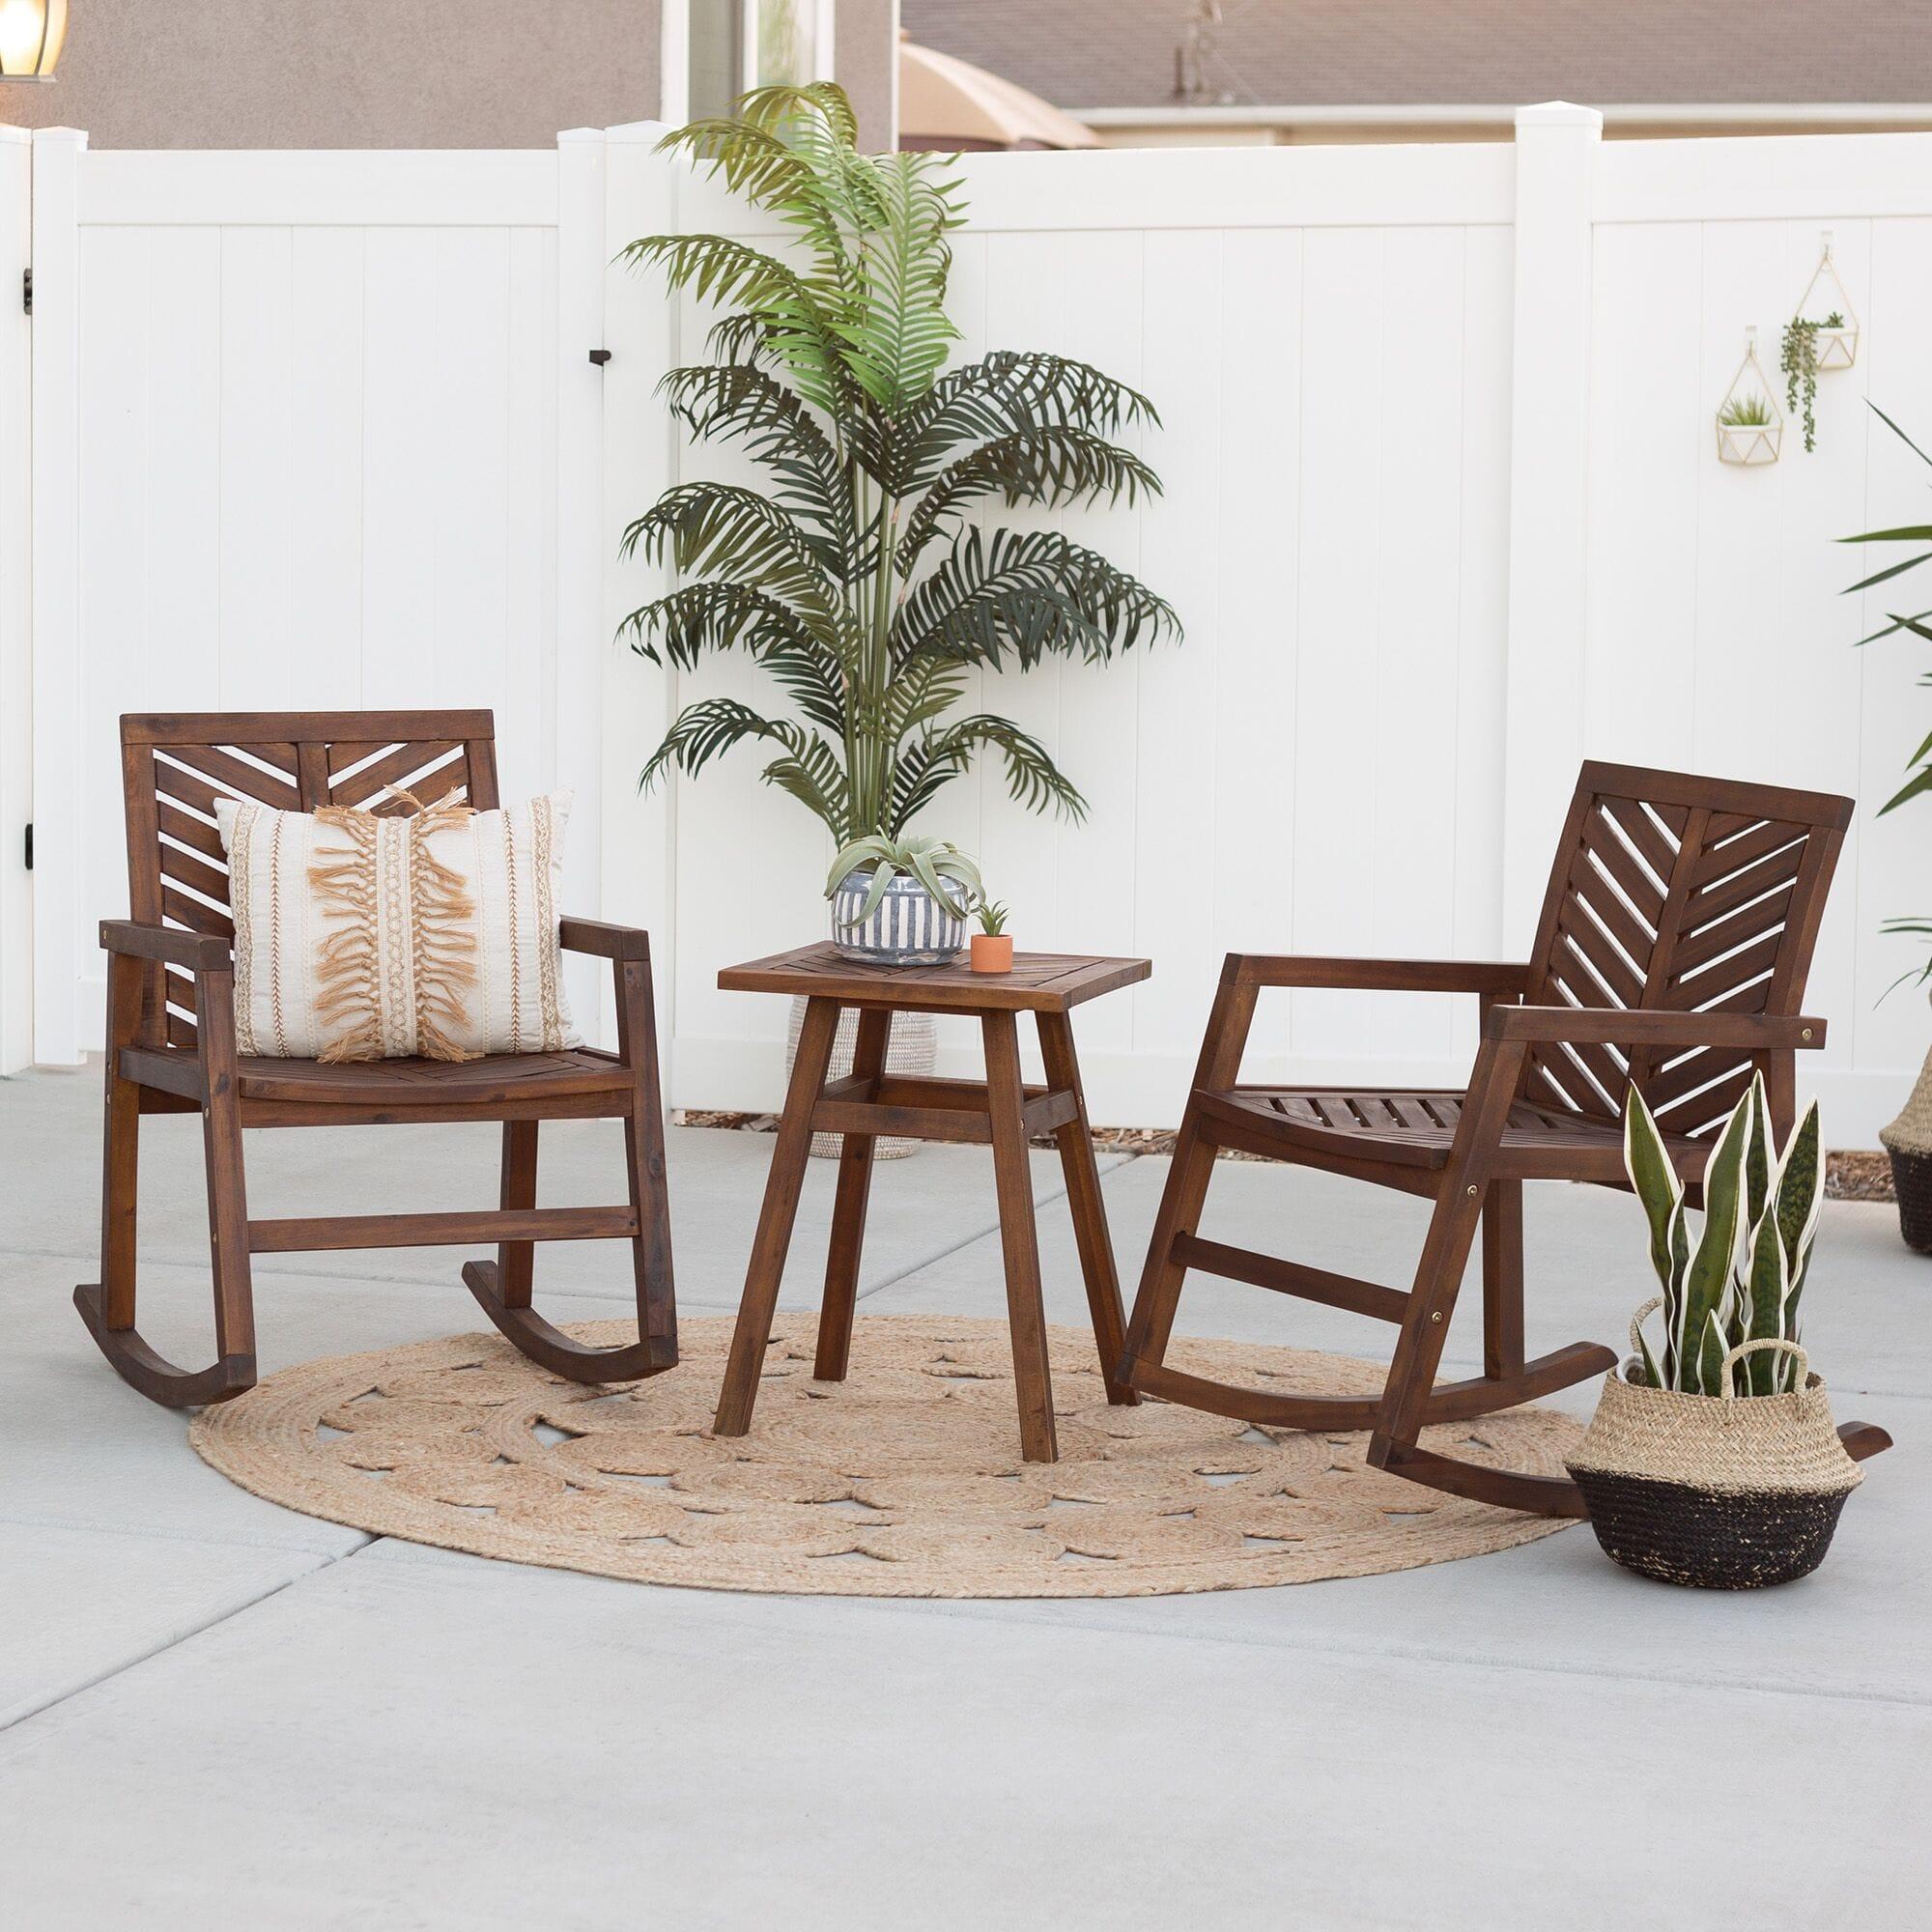 3 piece outdoor rocking chair chat set dark brown by walker edison